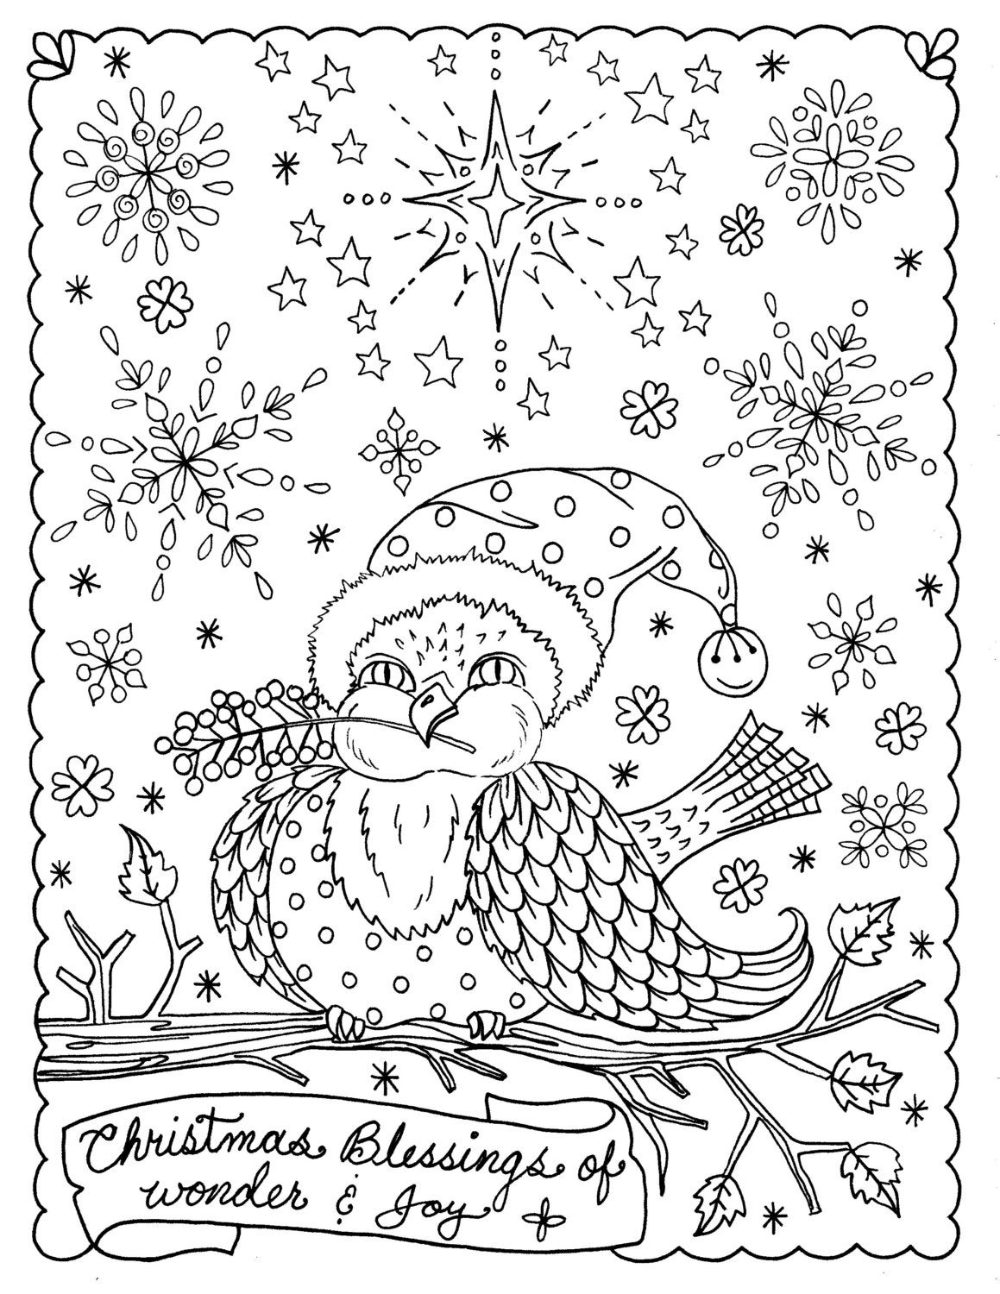 5 pagina's van Kerstmis kleuren christelijke geschriften